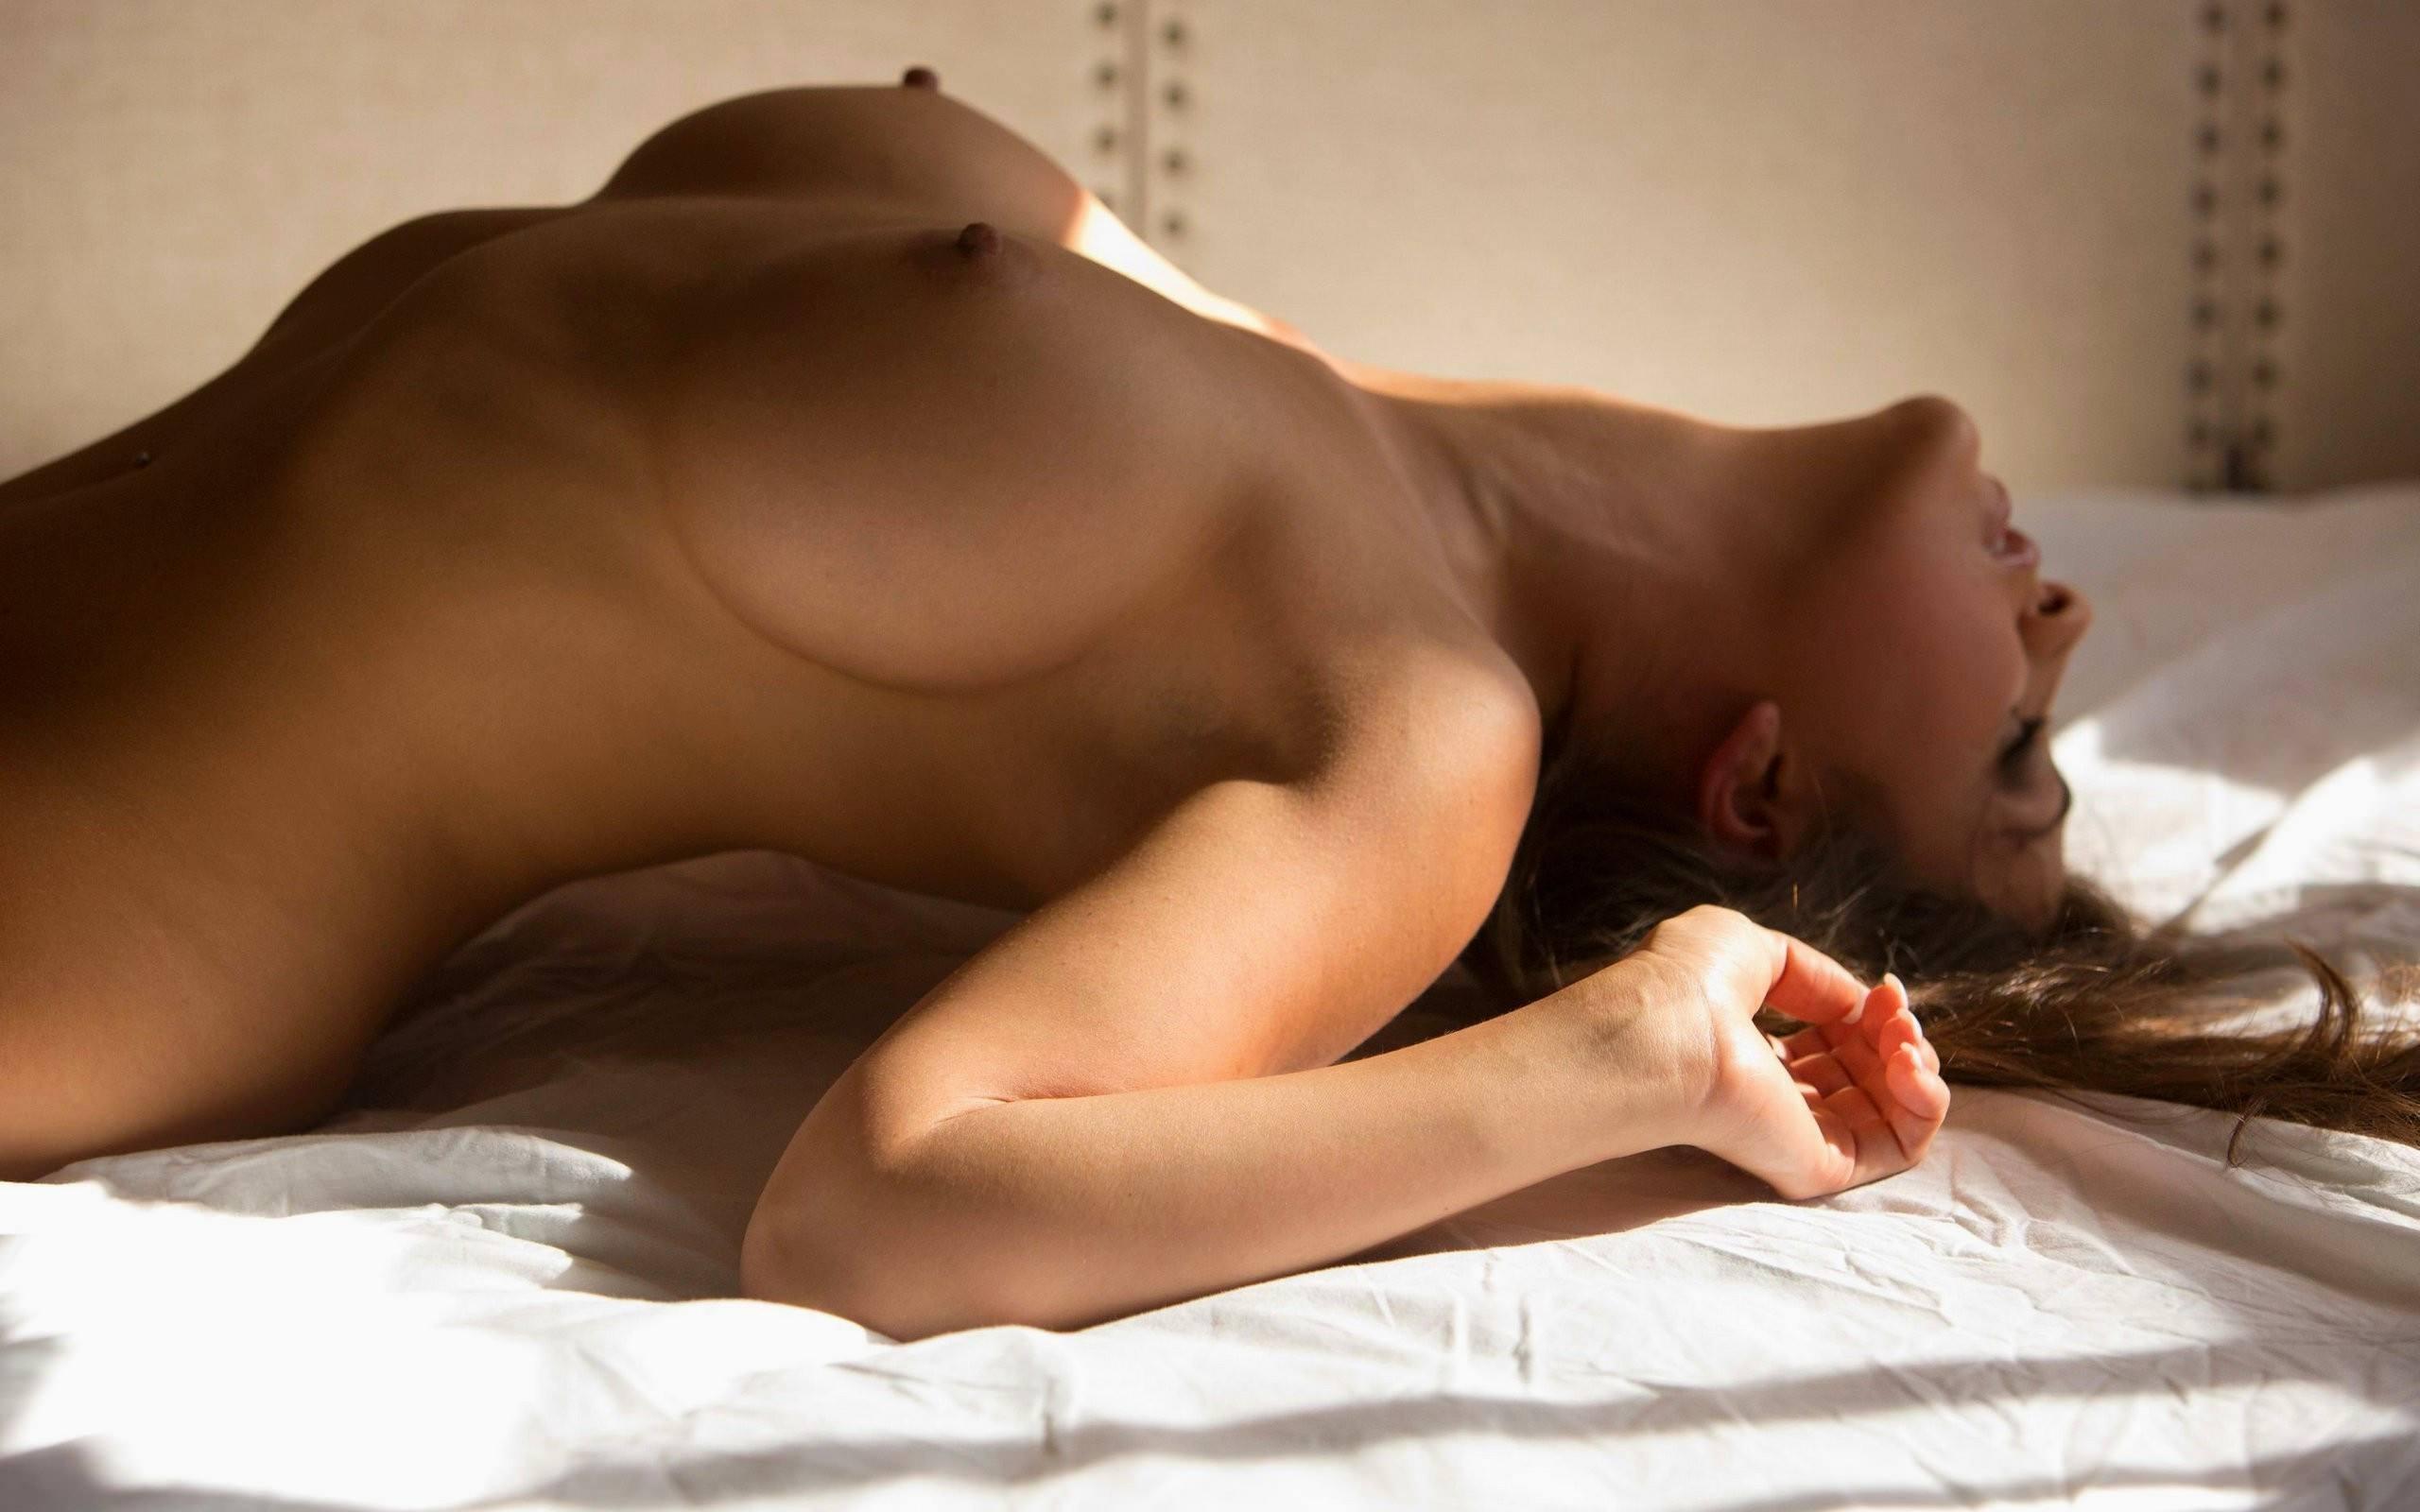 Фото Возбужденная голая девушка извивается в постели, упругие красивые сиськи и острые набухшие соски, соблазн и возбуждение в каждом движении, острые упругие сосочки, сексуальное женское тело, спальня, красивые сиськи третьего размера. Naked girl on the bed, excited girl, hard nipples. tits, boobs, sexy, скачать картинку бесплатно